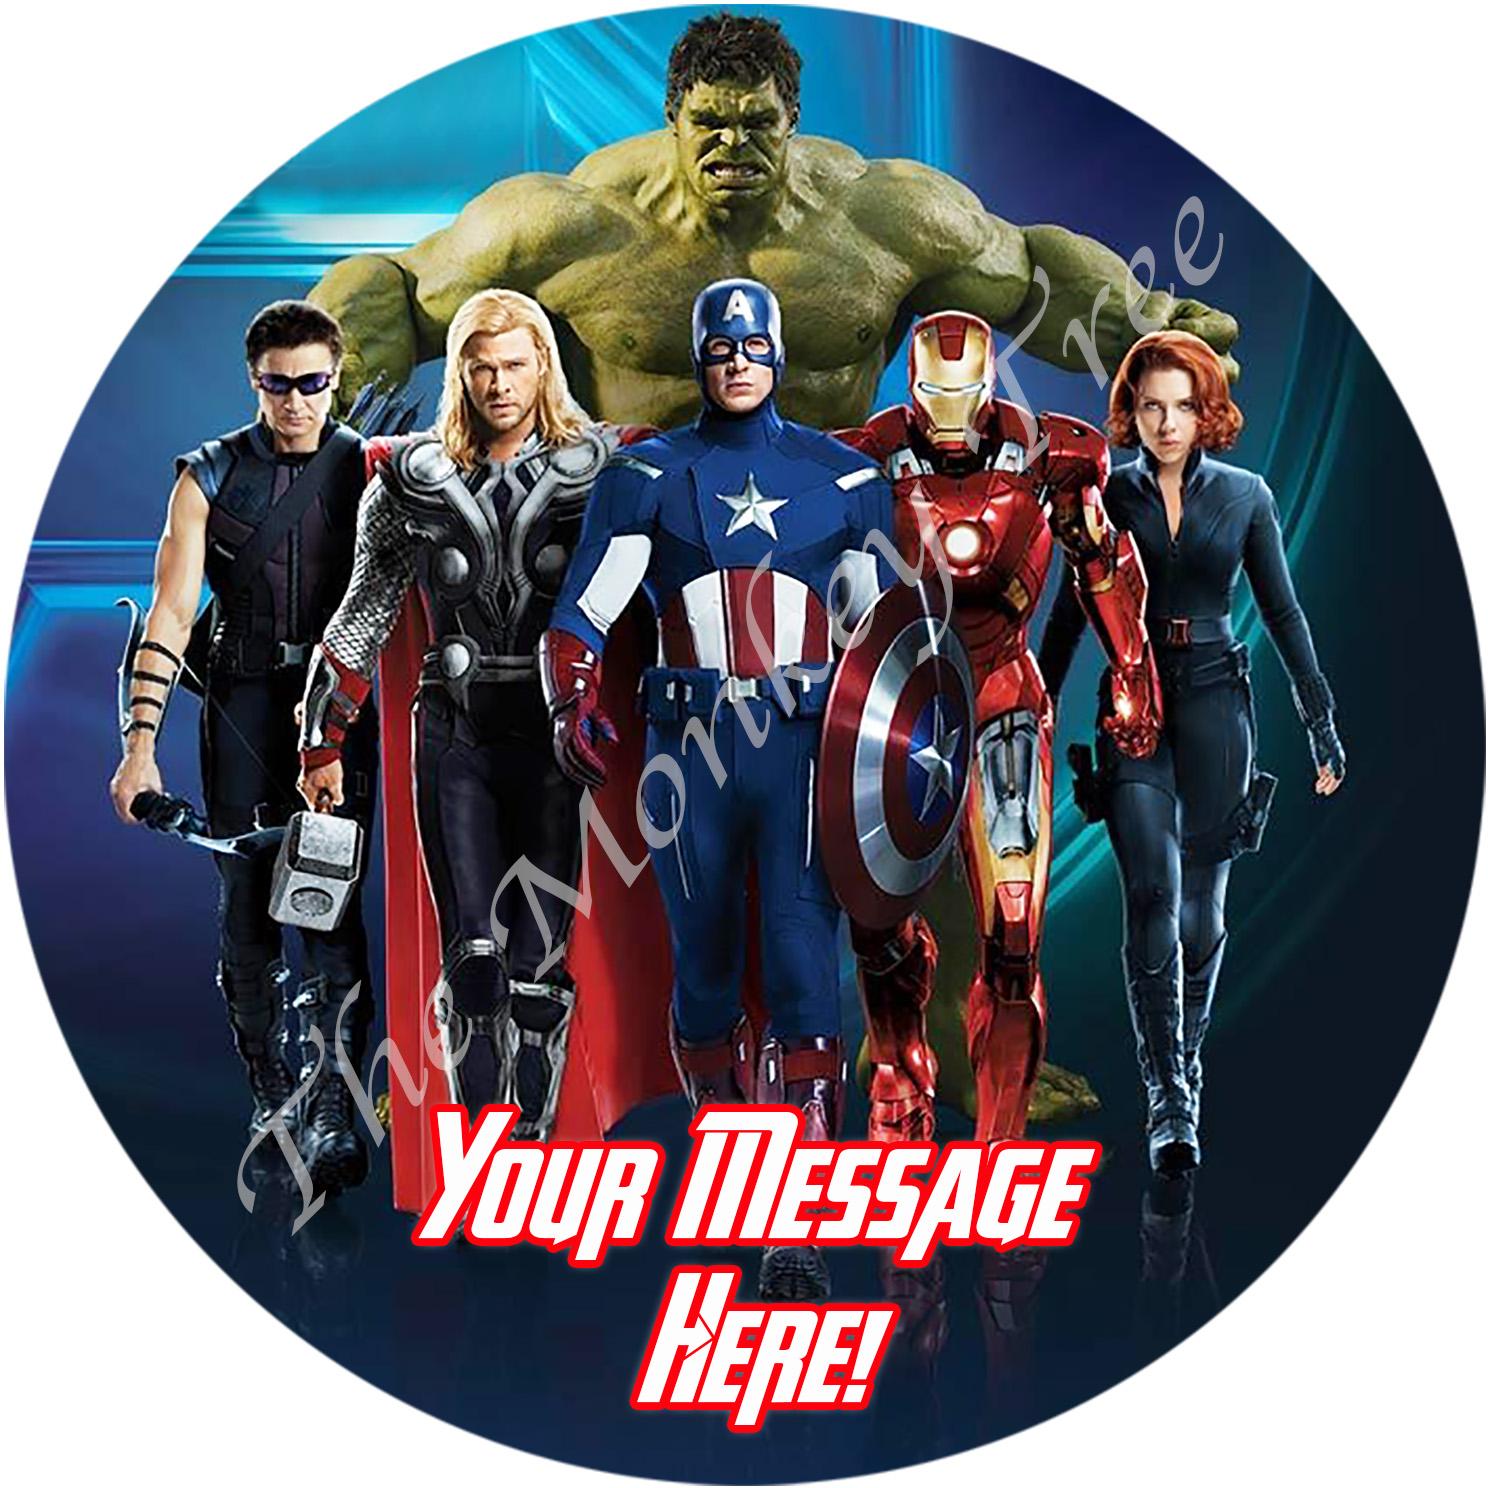 Avengers Personalised Edible Cake Image 1 | The Monkey Tree